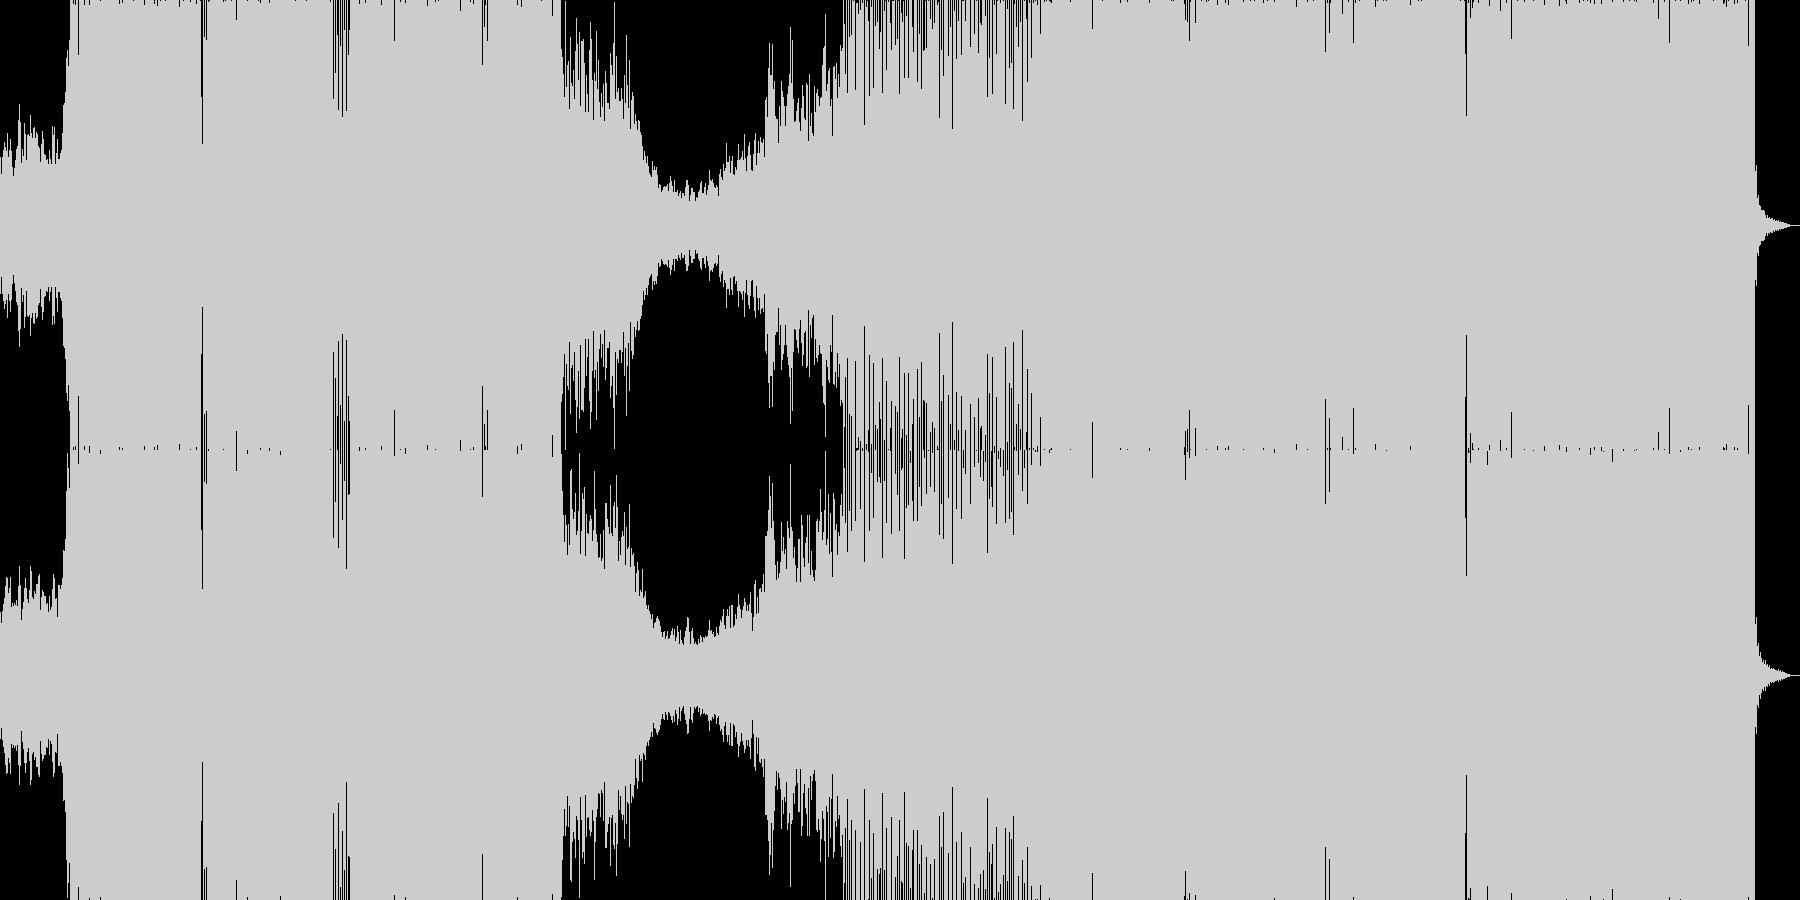 ゲームBGM風の爽やかなハウスサウンドの未再生の波形